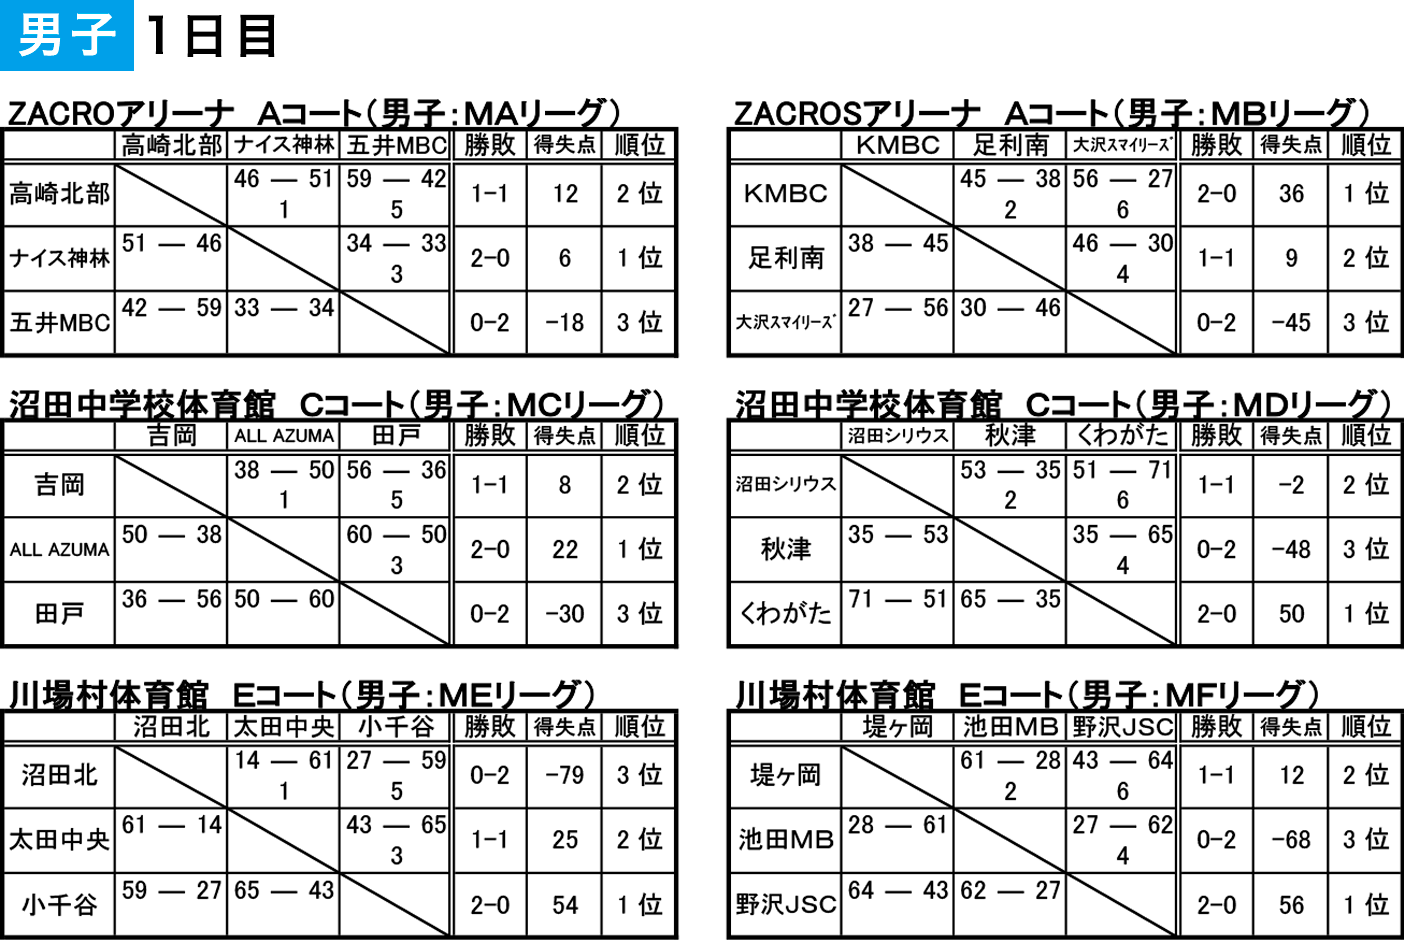 2019 沼田アップルフェスティバル - 大会結果 男子1日目